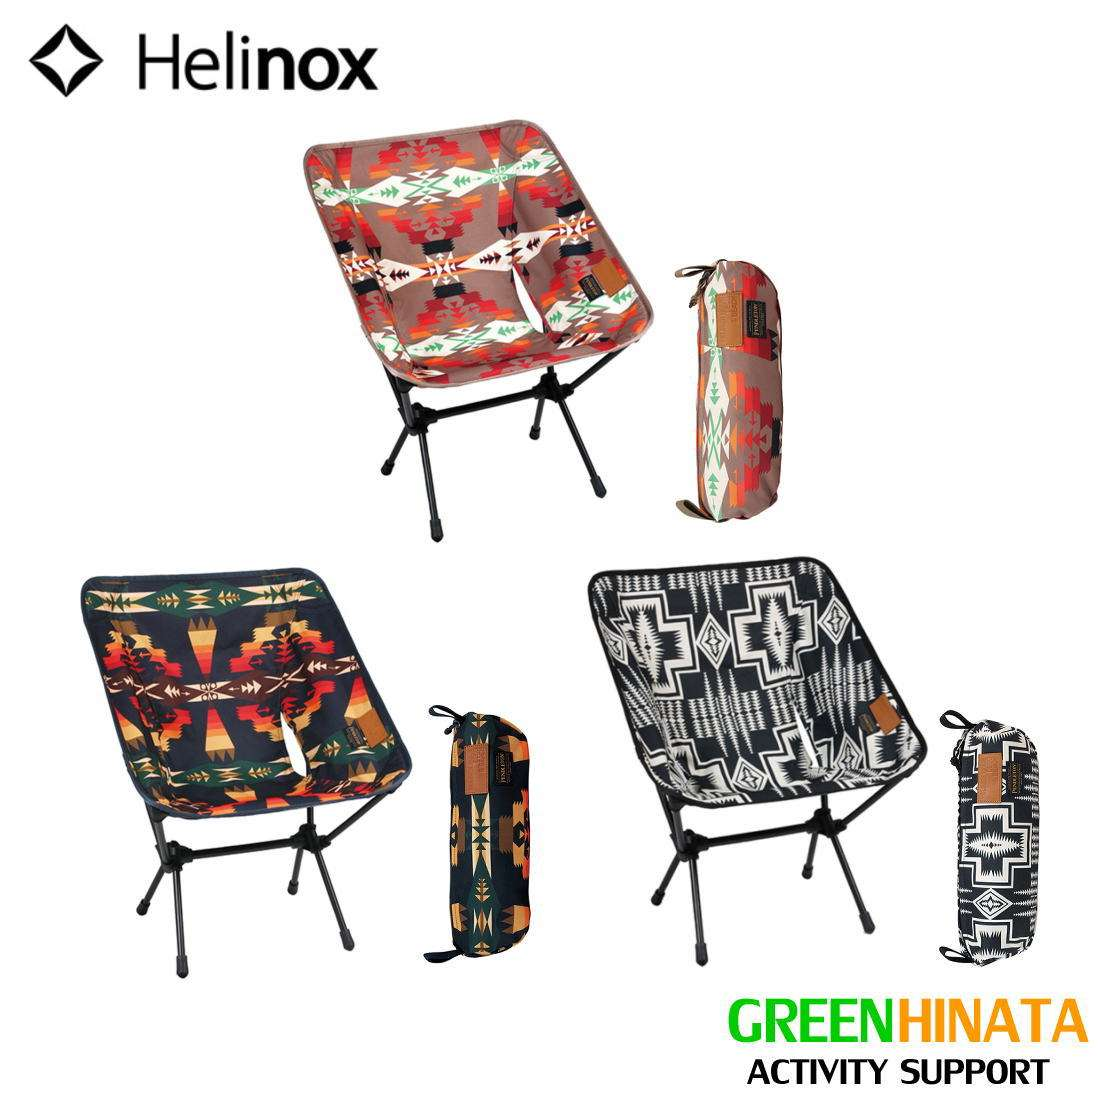 【国内正規品】 ペンドルトン ペンドルトン ヘリノックス ホーム チェア1 椅子 HELINOX Home Chair 1 チェアー